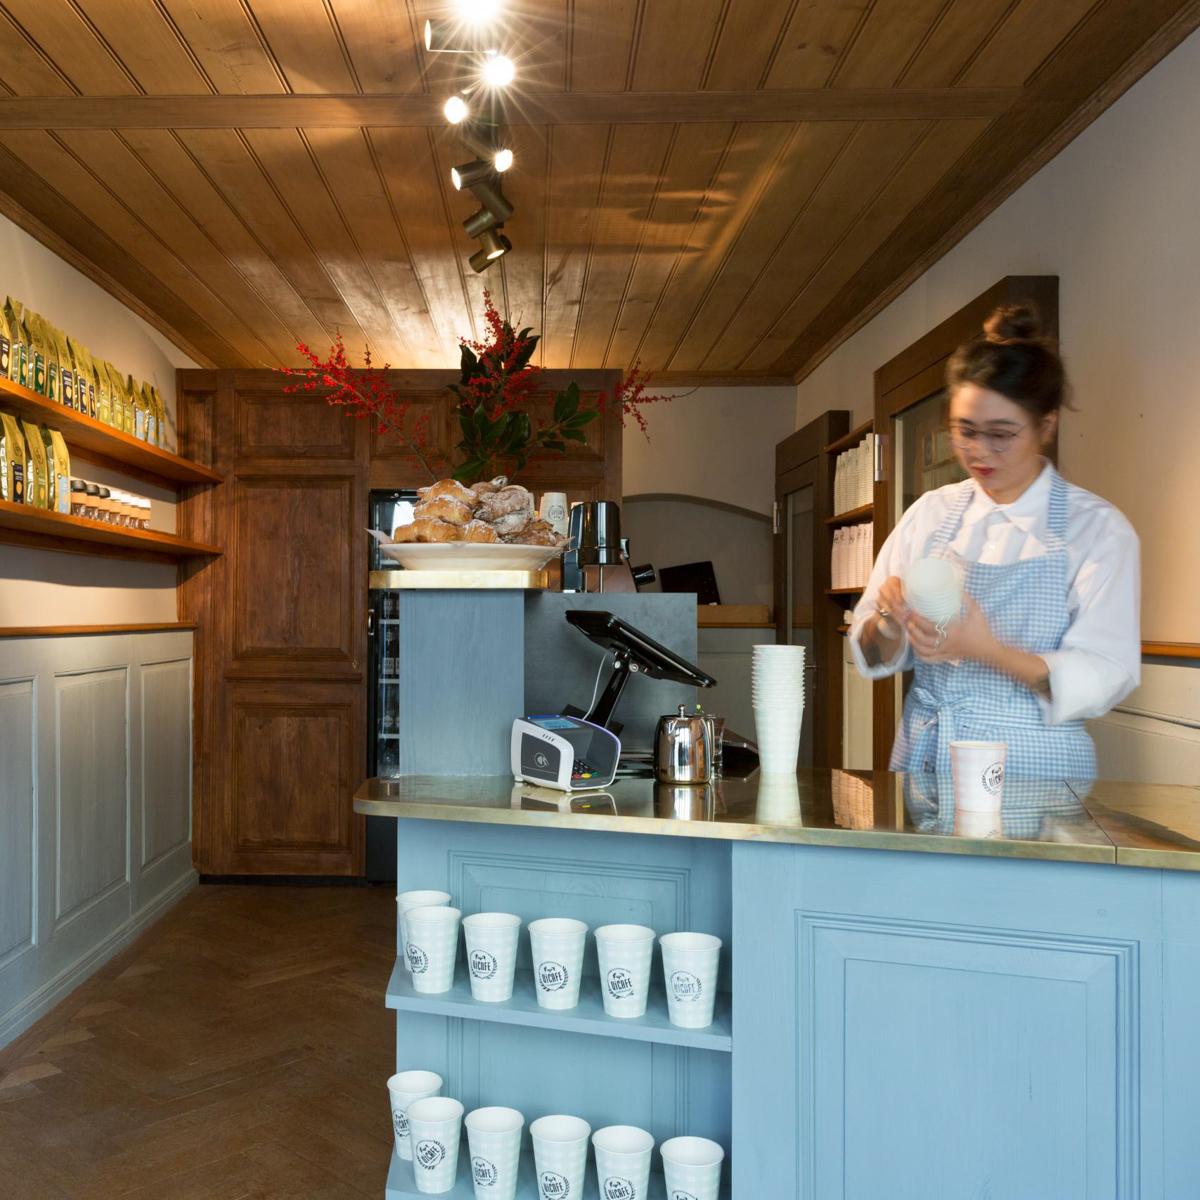 Le Café EnSoie by Vicafe in Zürich